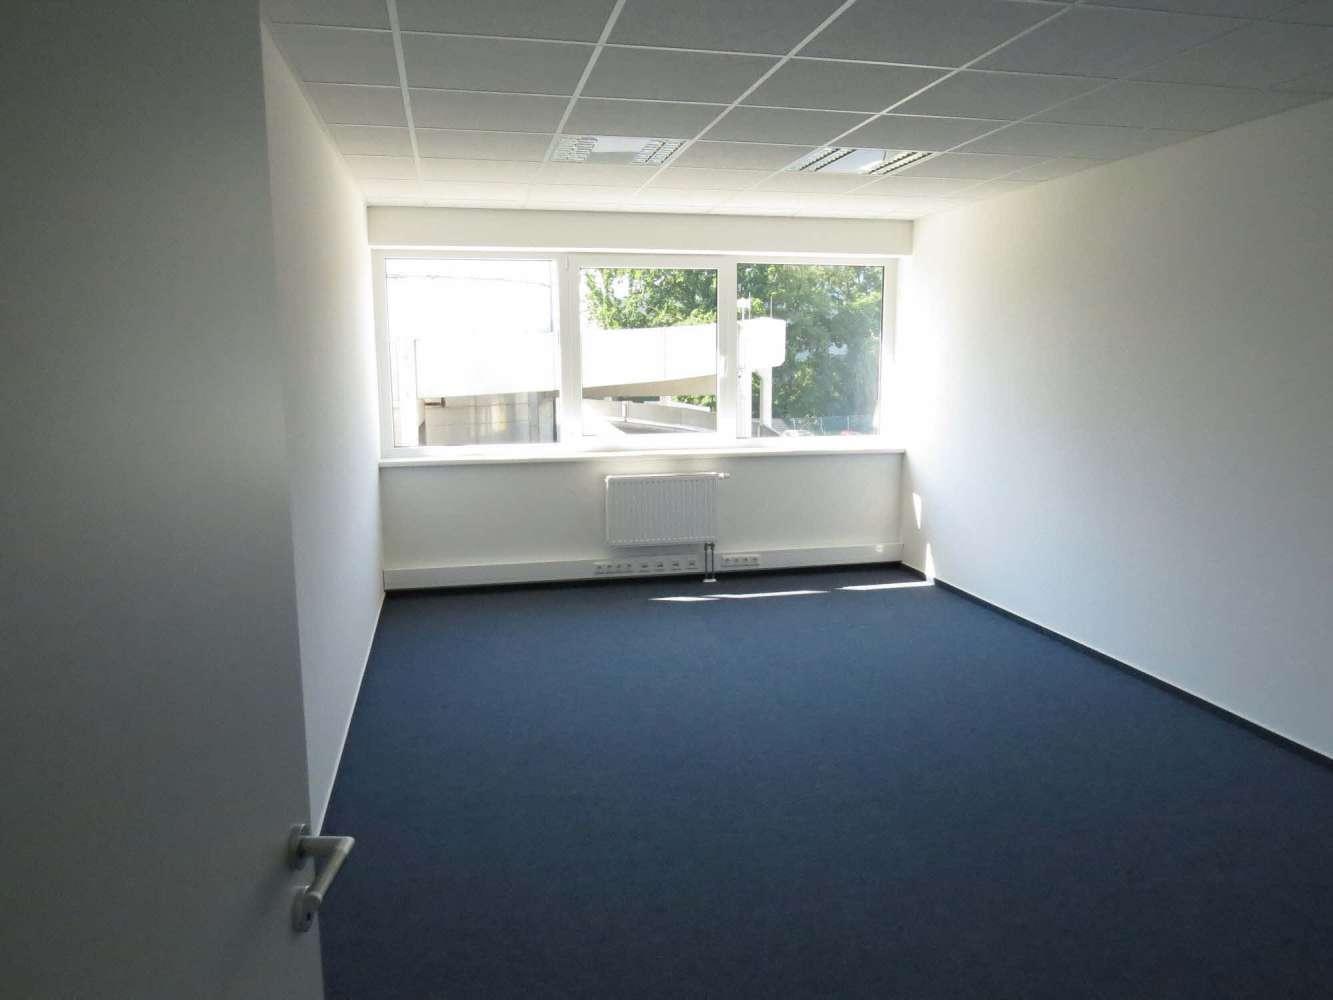 Büros Norderstedt, 22848 - Büro - Norderstedt, Garstedt - H0986 - 9407996